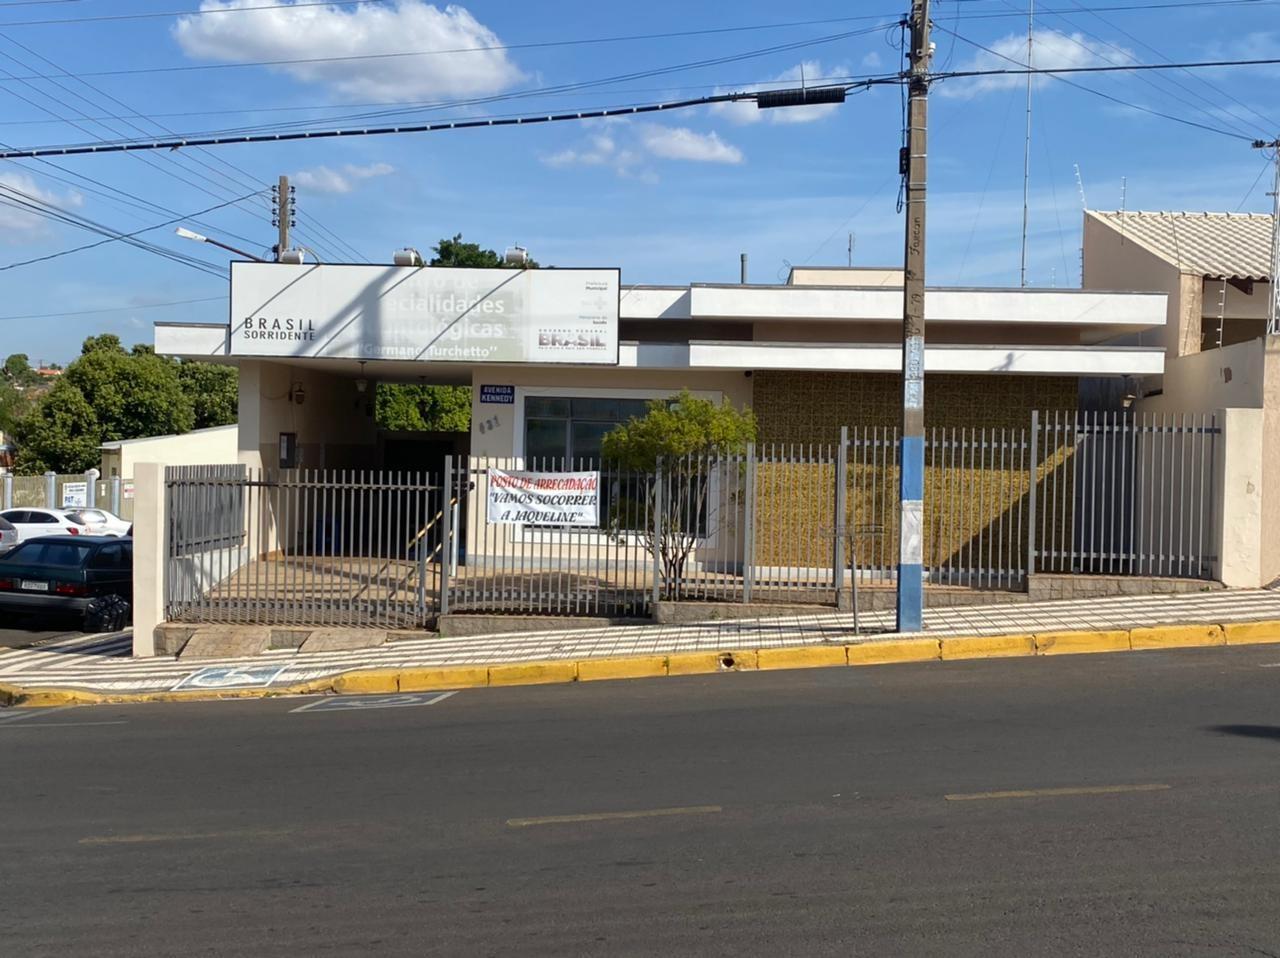 Centro de Especialidades Odontológicas é fechado em Osvaldo Cruz após confirmações de casos de Covid-19 em funcionários